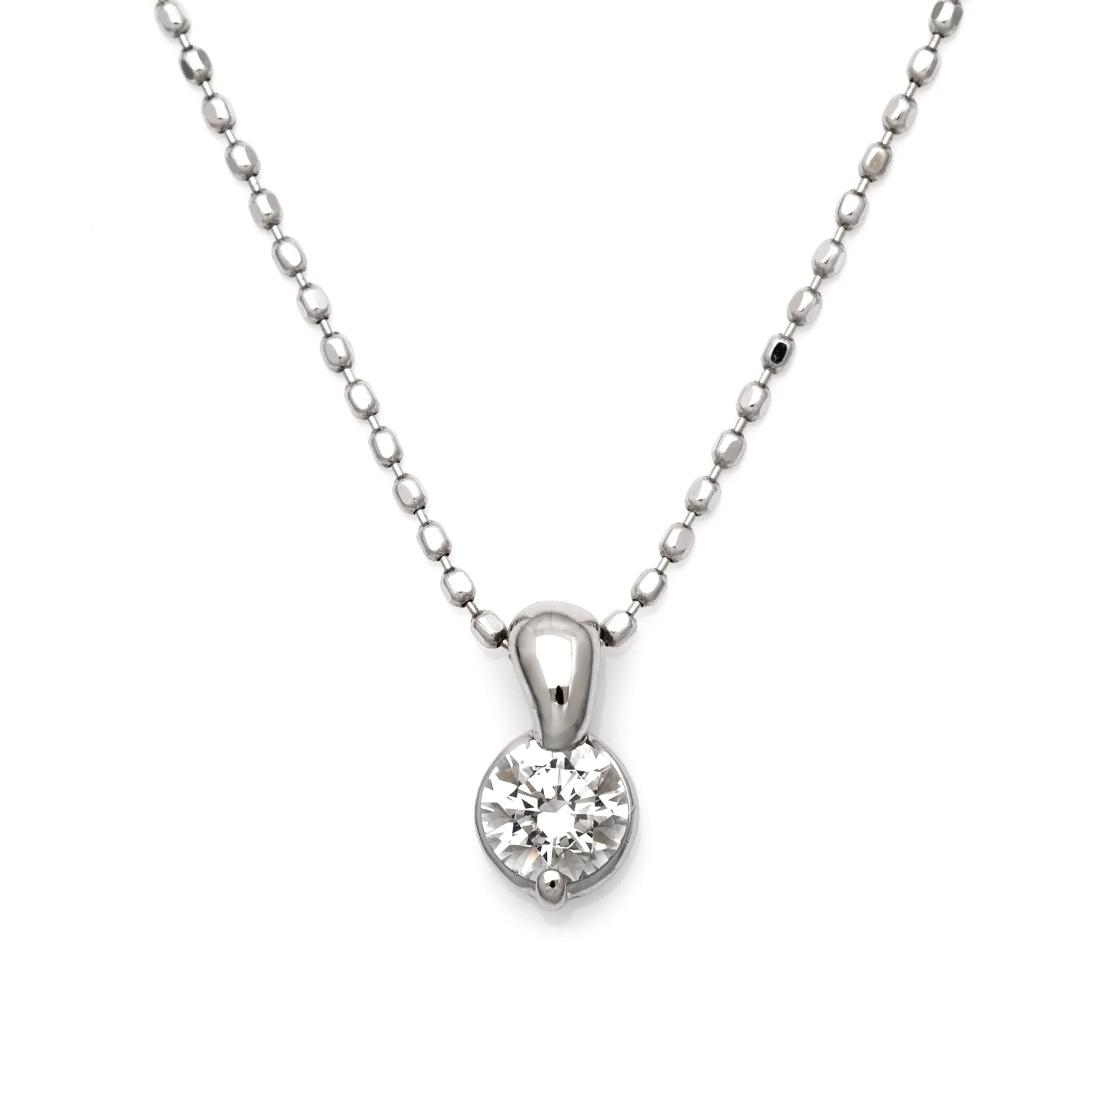 【GWクーポン配布中】ペンダント ダイヤモンド 0.2カラット ゴールド K18 K18 カットボールチェーン 送料無料